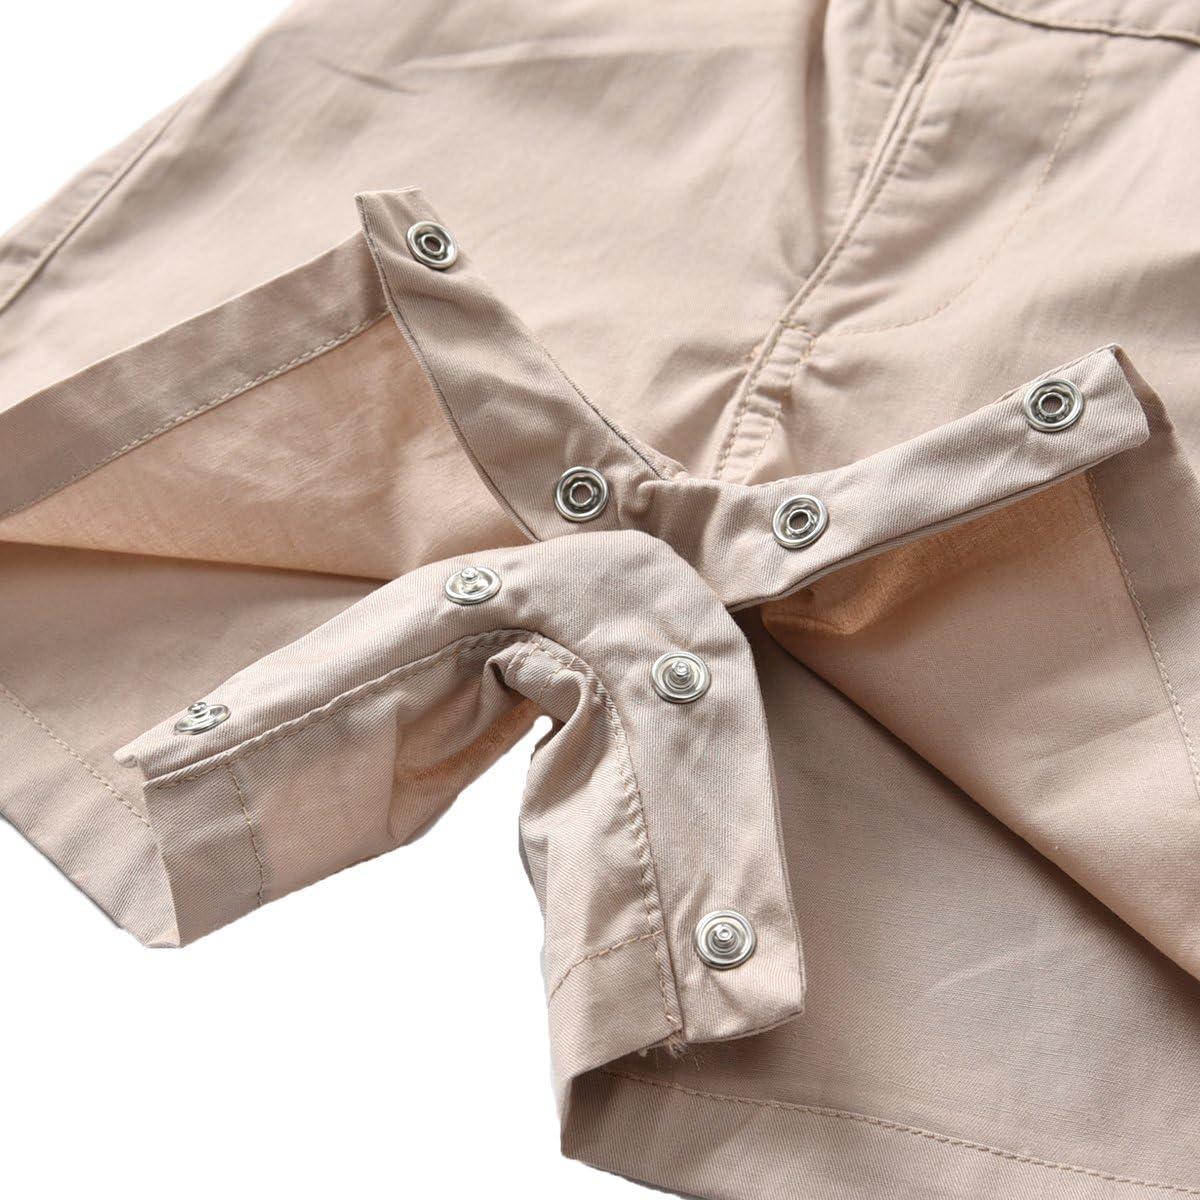 Kurze Hose mit Tr/äger Junge Bekleidungsset Kleinkinder Gentleman Anzug Baumwolle Set Babyanzug Echinodon Baby Hemdbody mit Fliege